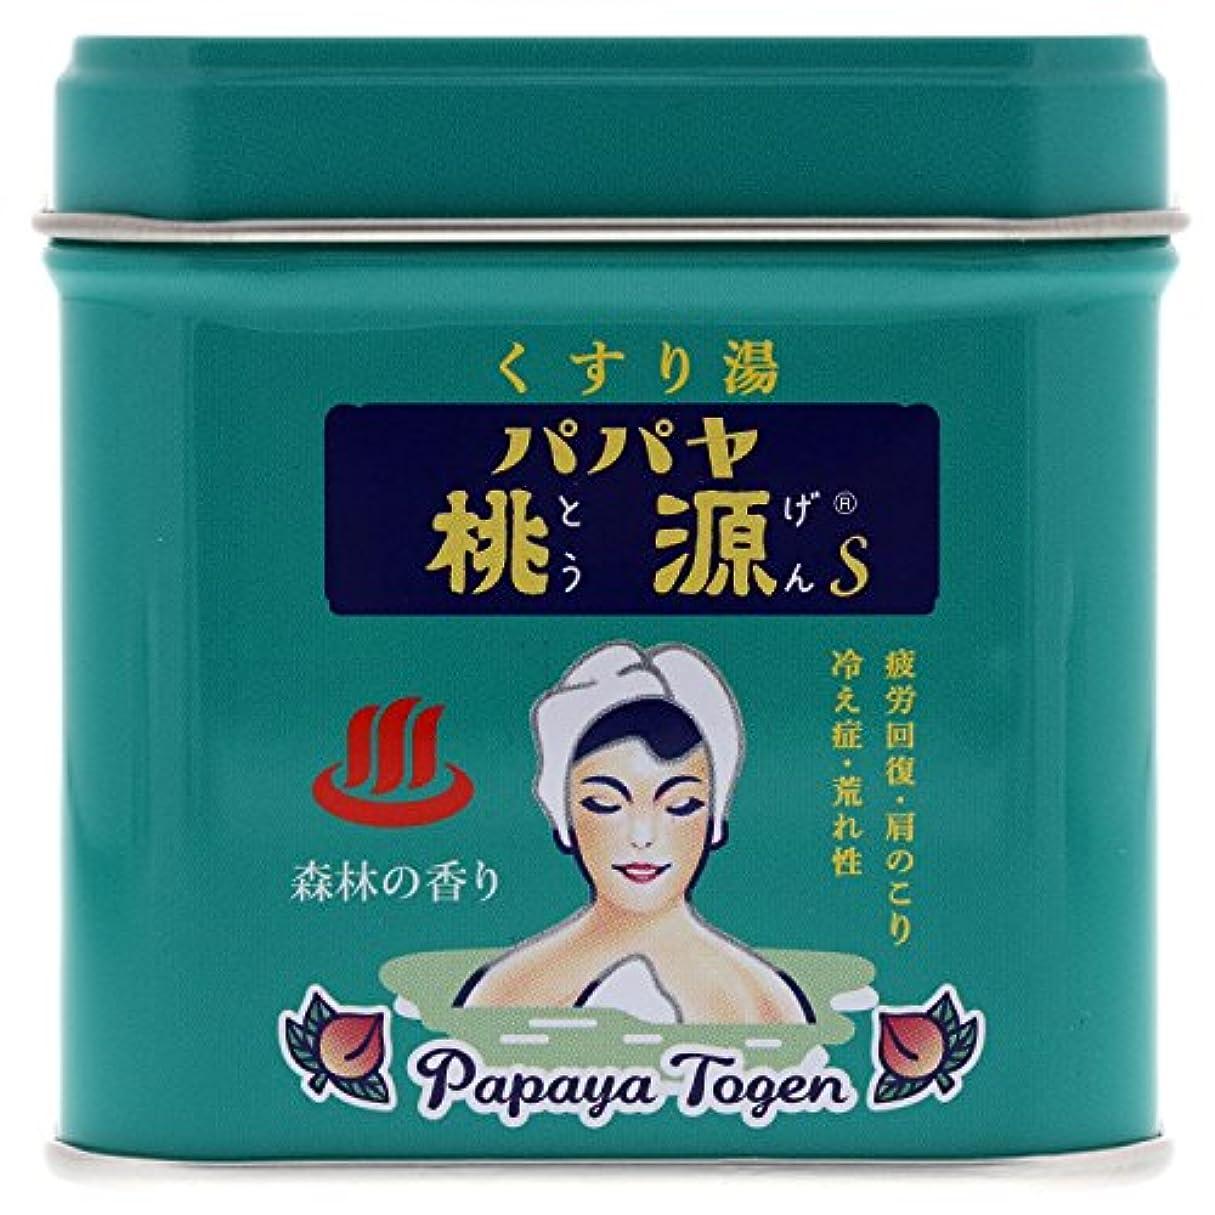 メニュー粗いジャグリングパパヤ桃源S 70g缶 森林の香り [医薬部外品]